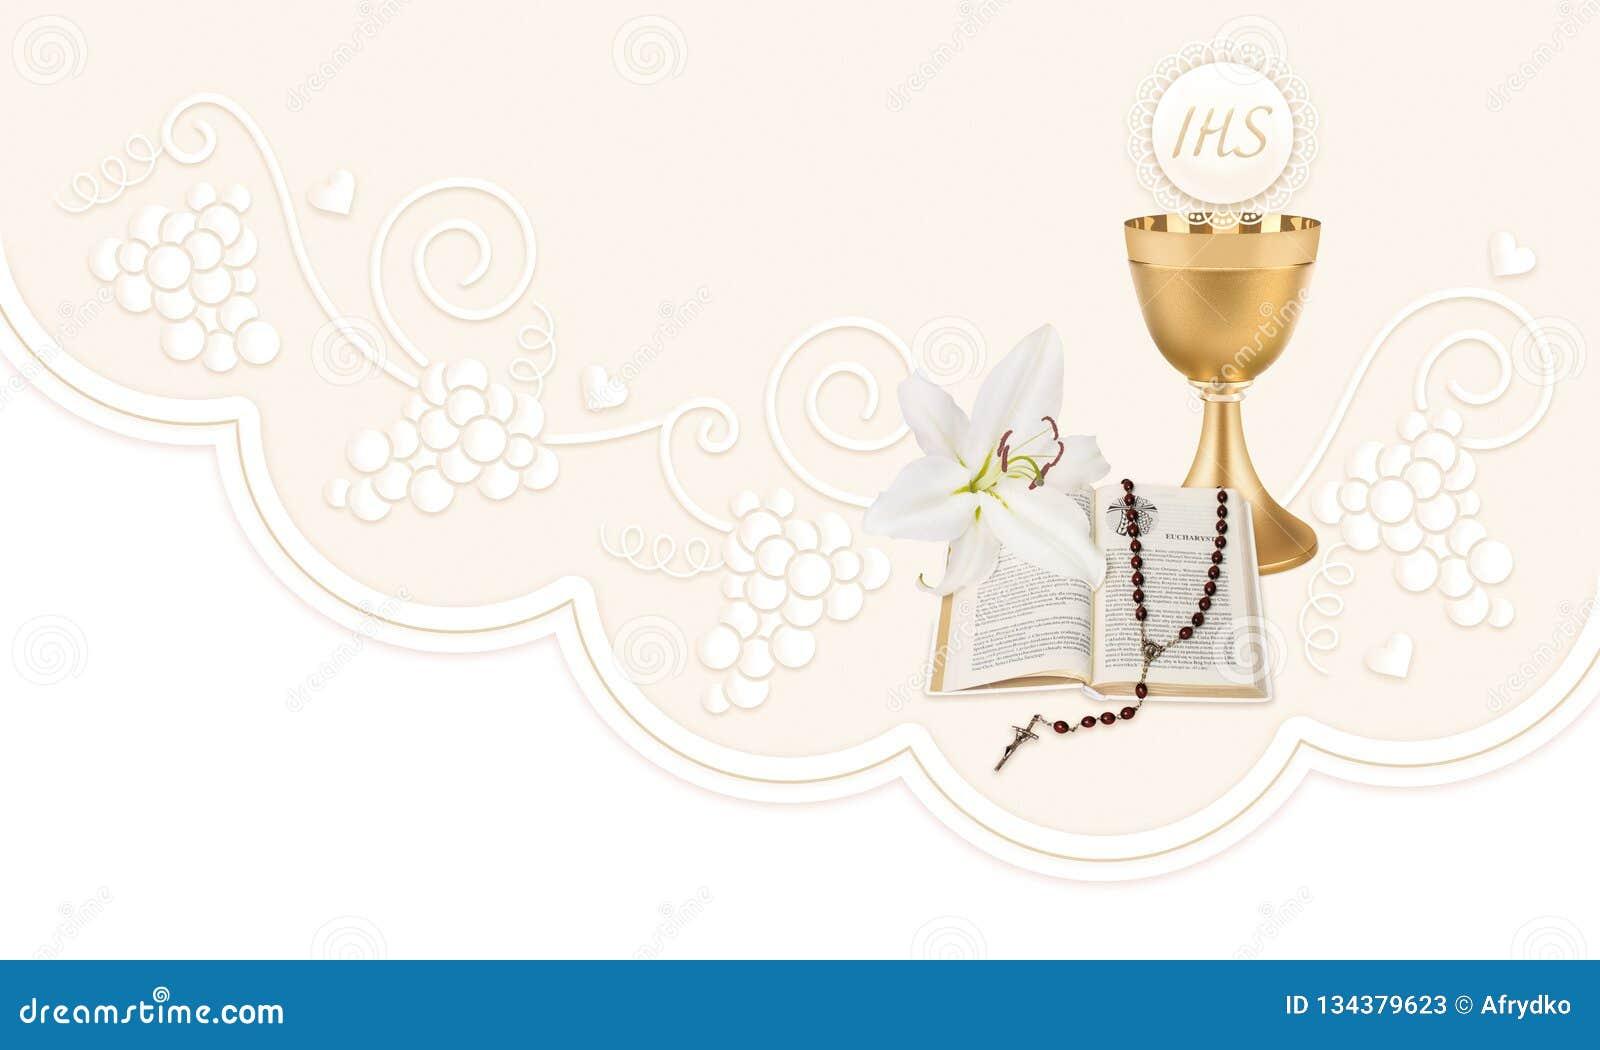 Первое святое причастие, иллюстрация с чашкой, хозяин, библия, лилия и розарий